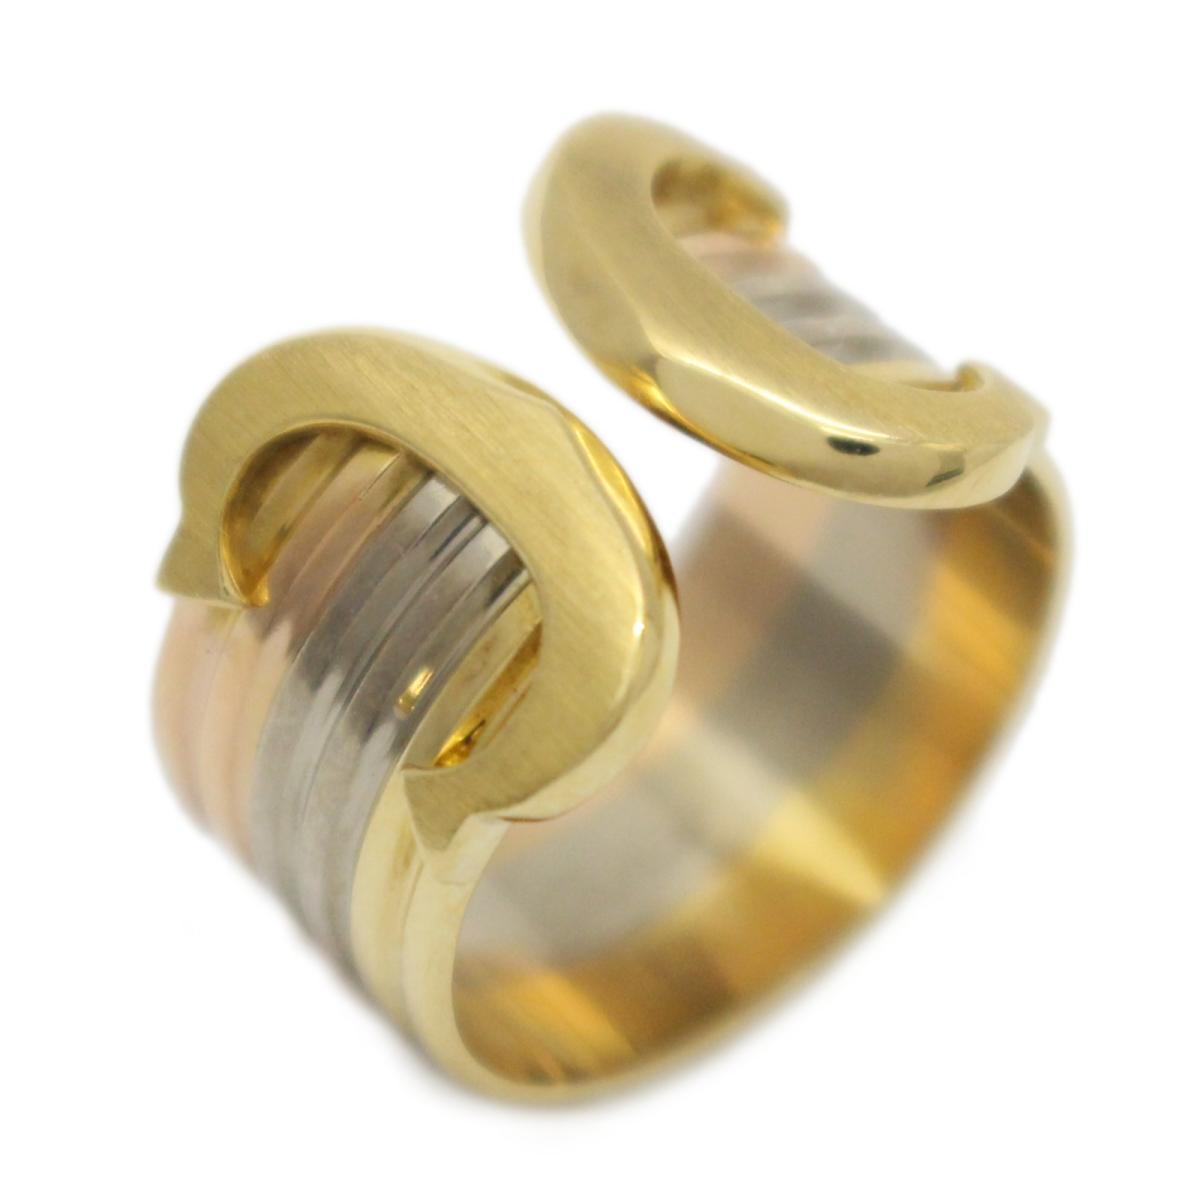 【中古】 カルティエ C2 トリニティ リング 指輪 レディース K18YG (750) イエローゴールド × K18WG ホワイトゴールド K18PG ピンクゴールド K18スリーゴールド   Cartier BRANDOFF ブランドオフ ブランド ジュエリー アクセサリー